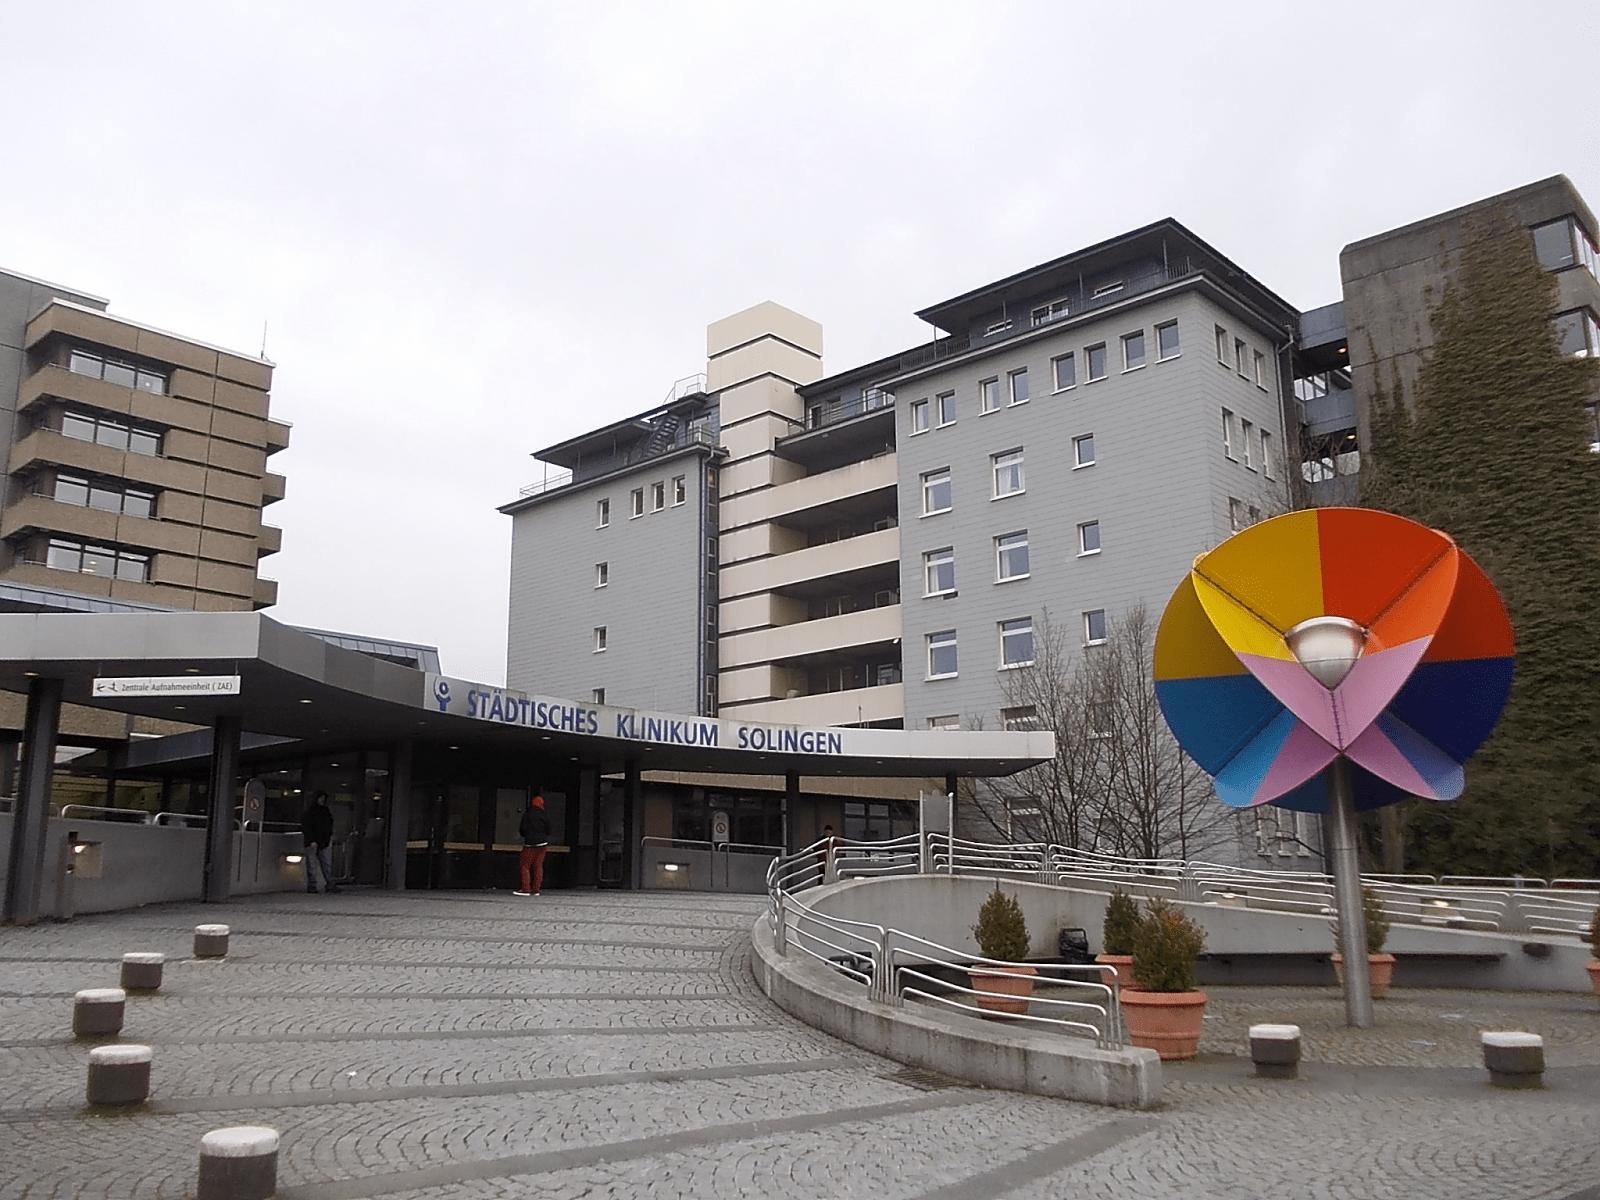 Университетская больница Золинген